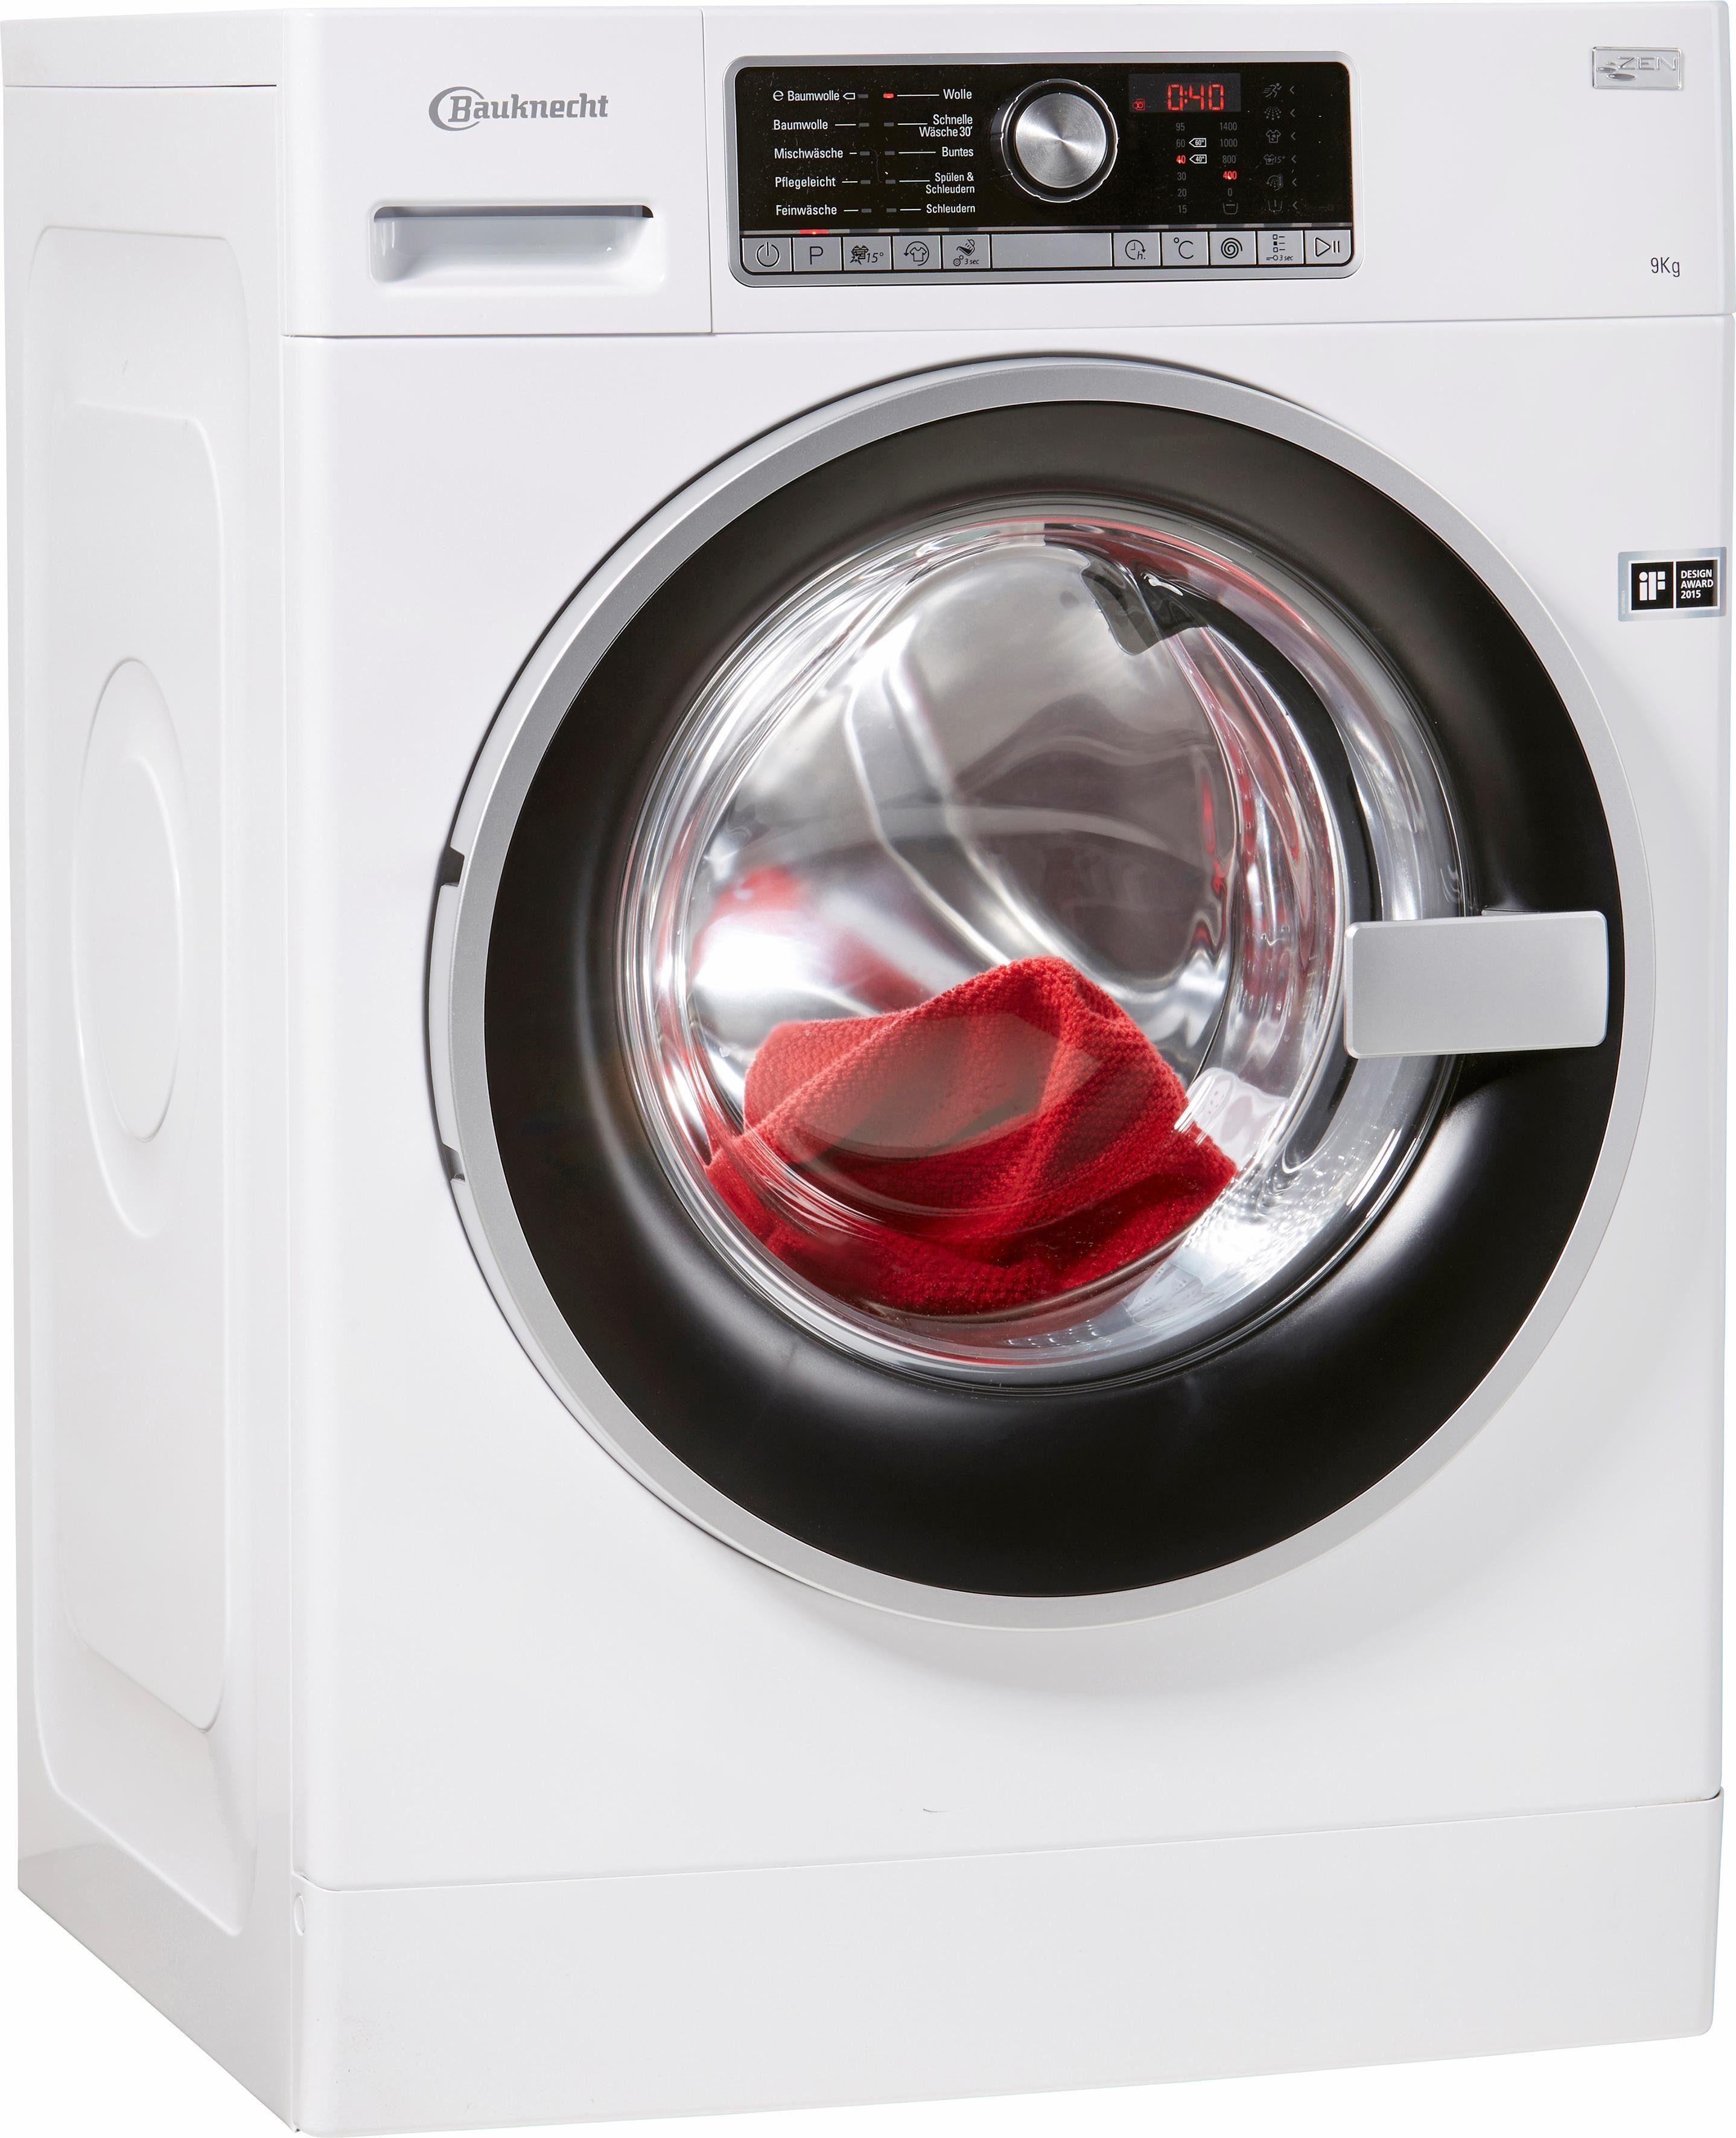 BAUKNECHT Waschmaschine WM Trend 914 ZEN, A+++, 9 kg, 1400 U/Min